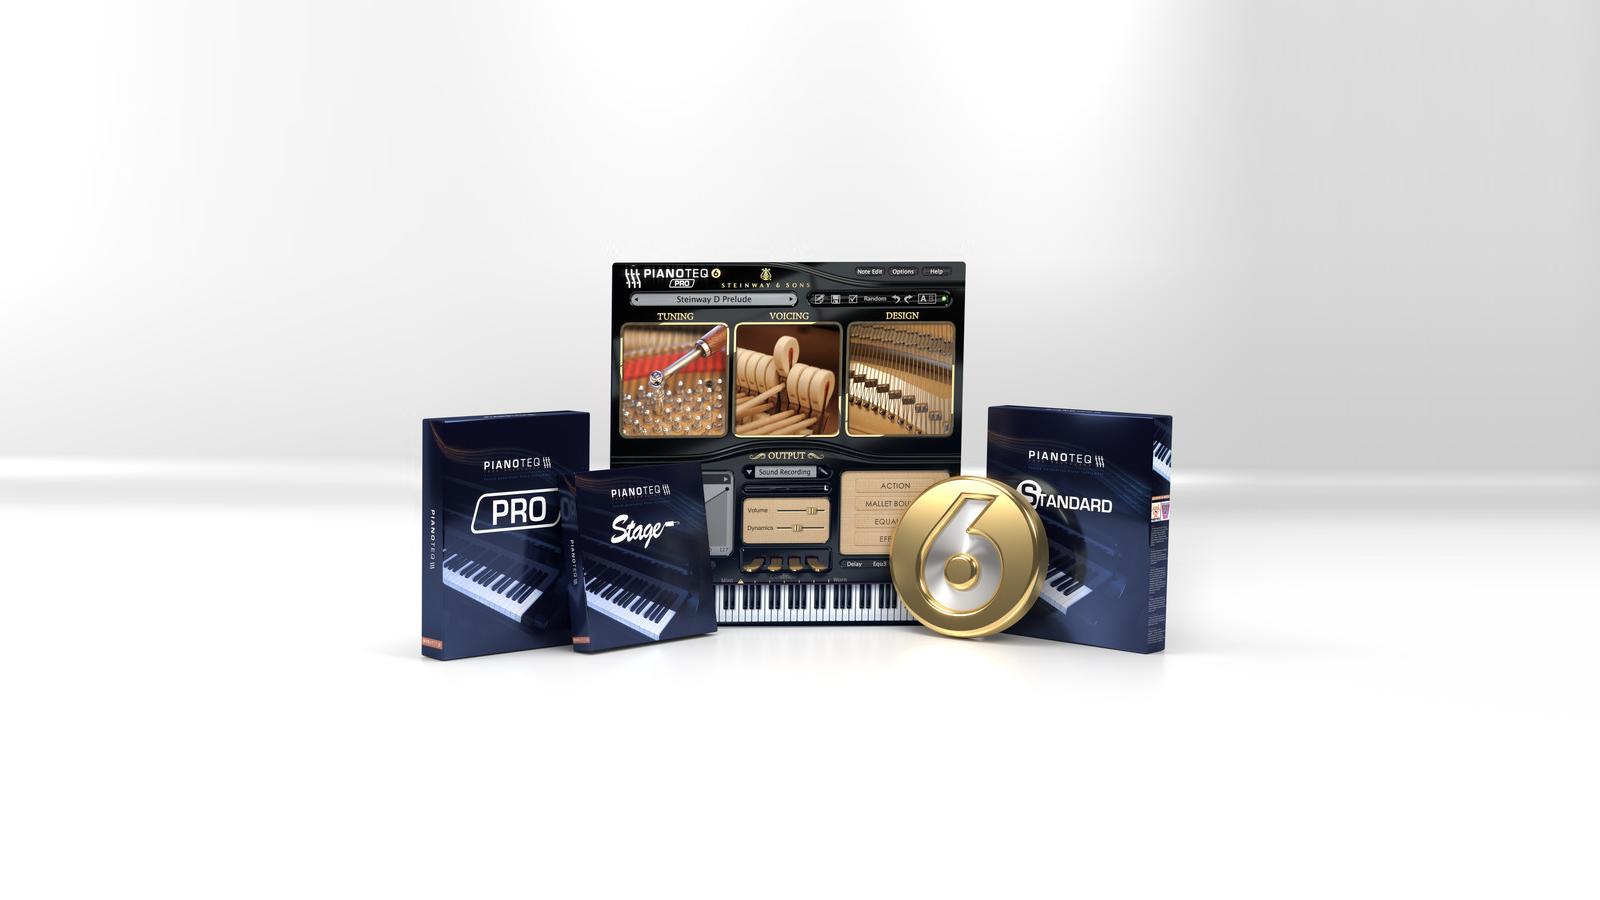 Pianoteq 6 – フィジカル・モデリング・ピアノ音源が3年ぶりのメジャー・バーションアップ。